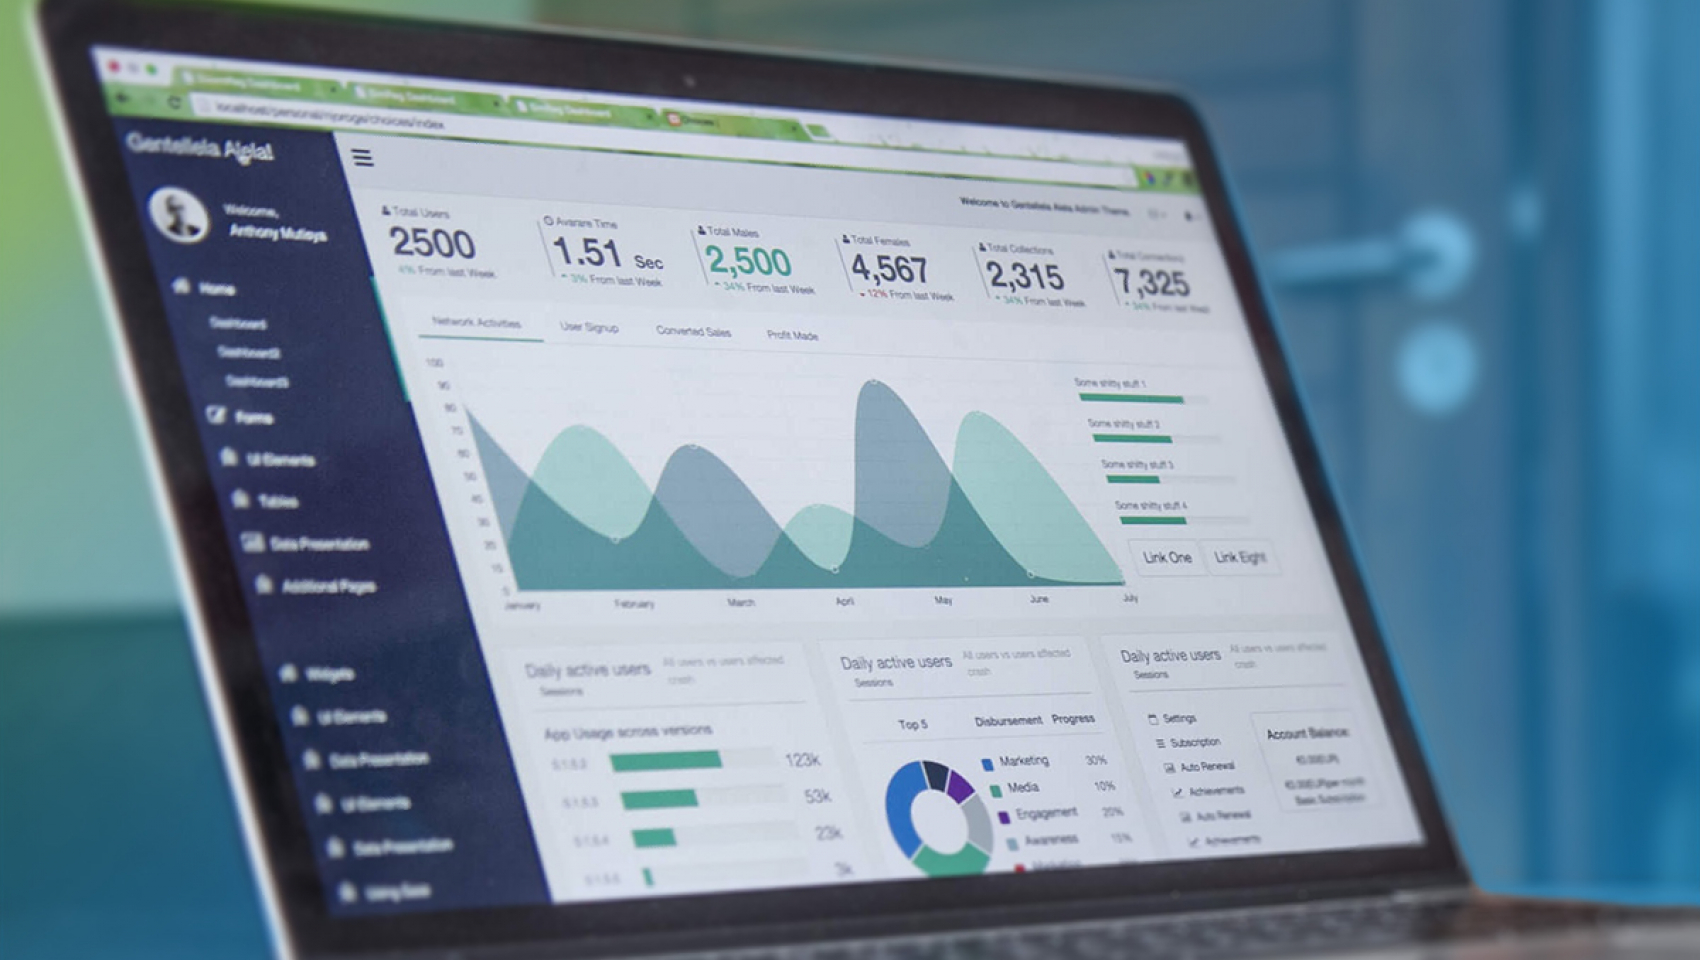 Мастер-класс «SEO как ключевой инструмент Digital Performance Marketing» в Харькове